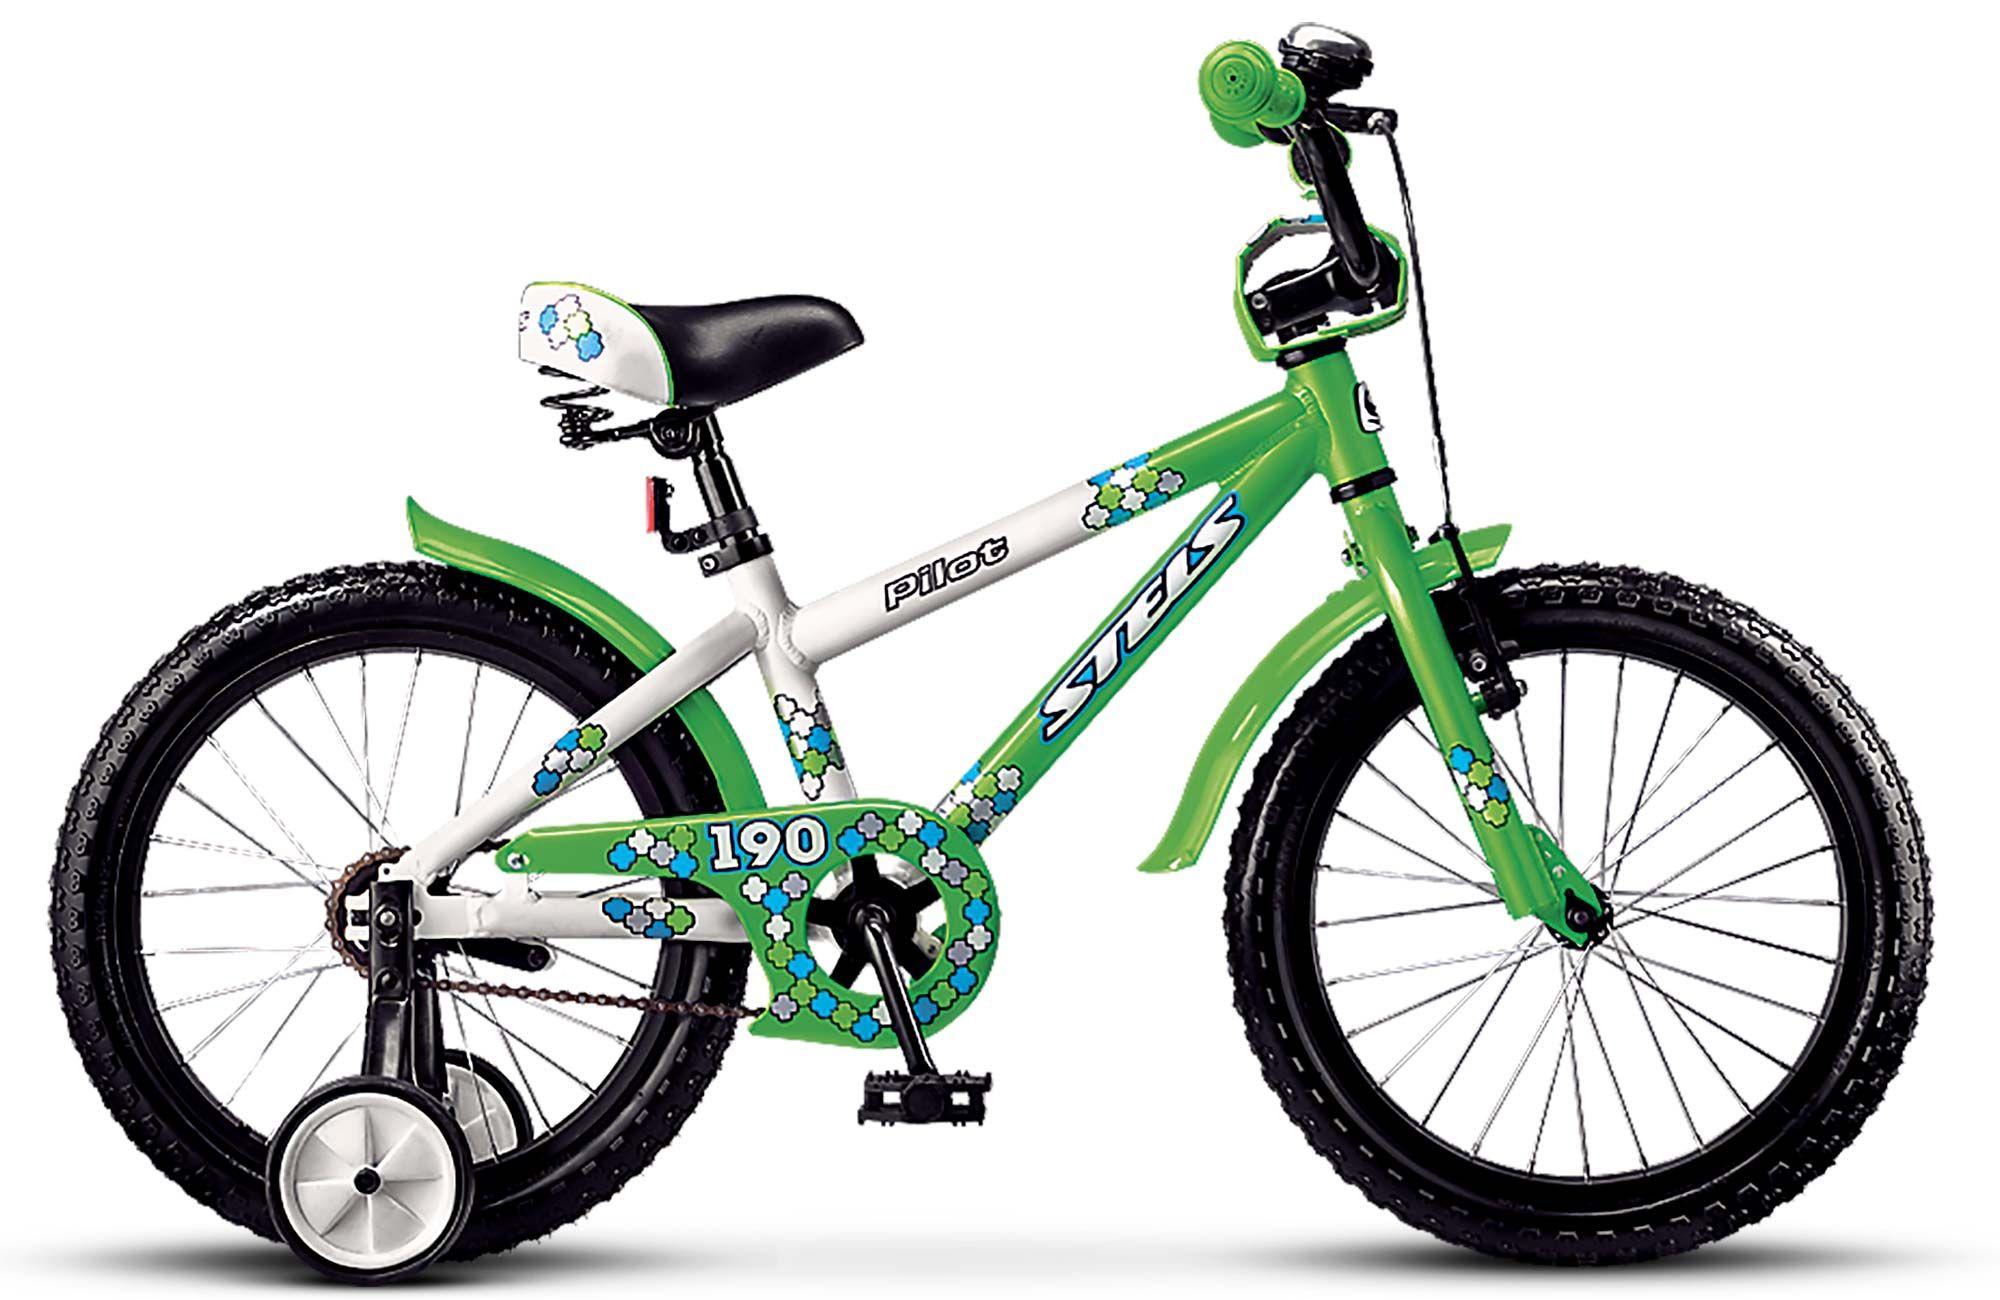 Велосипед Stels Pilot 190 18 2017 велосипед stels pilot 190 18 2015